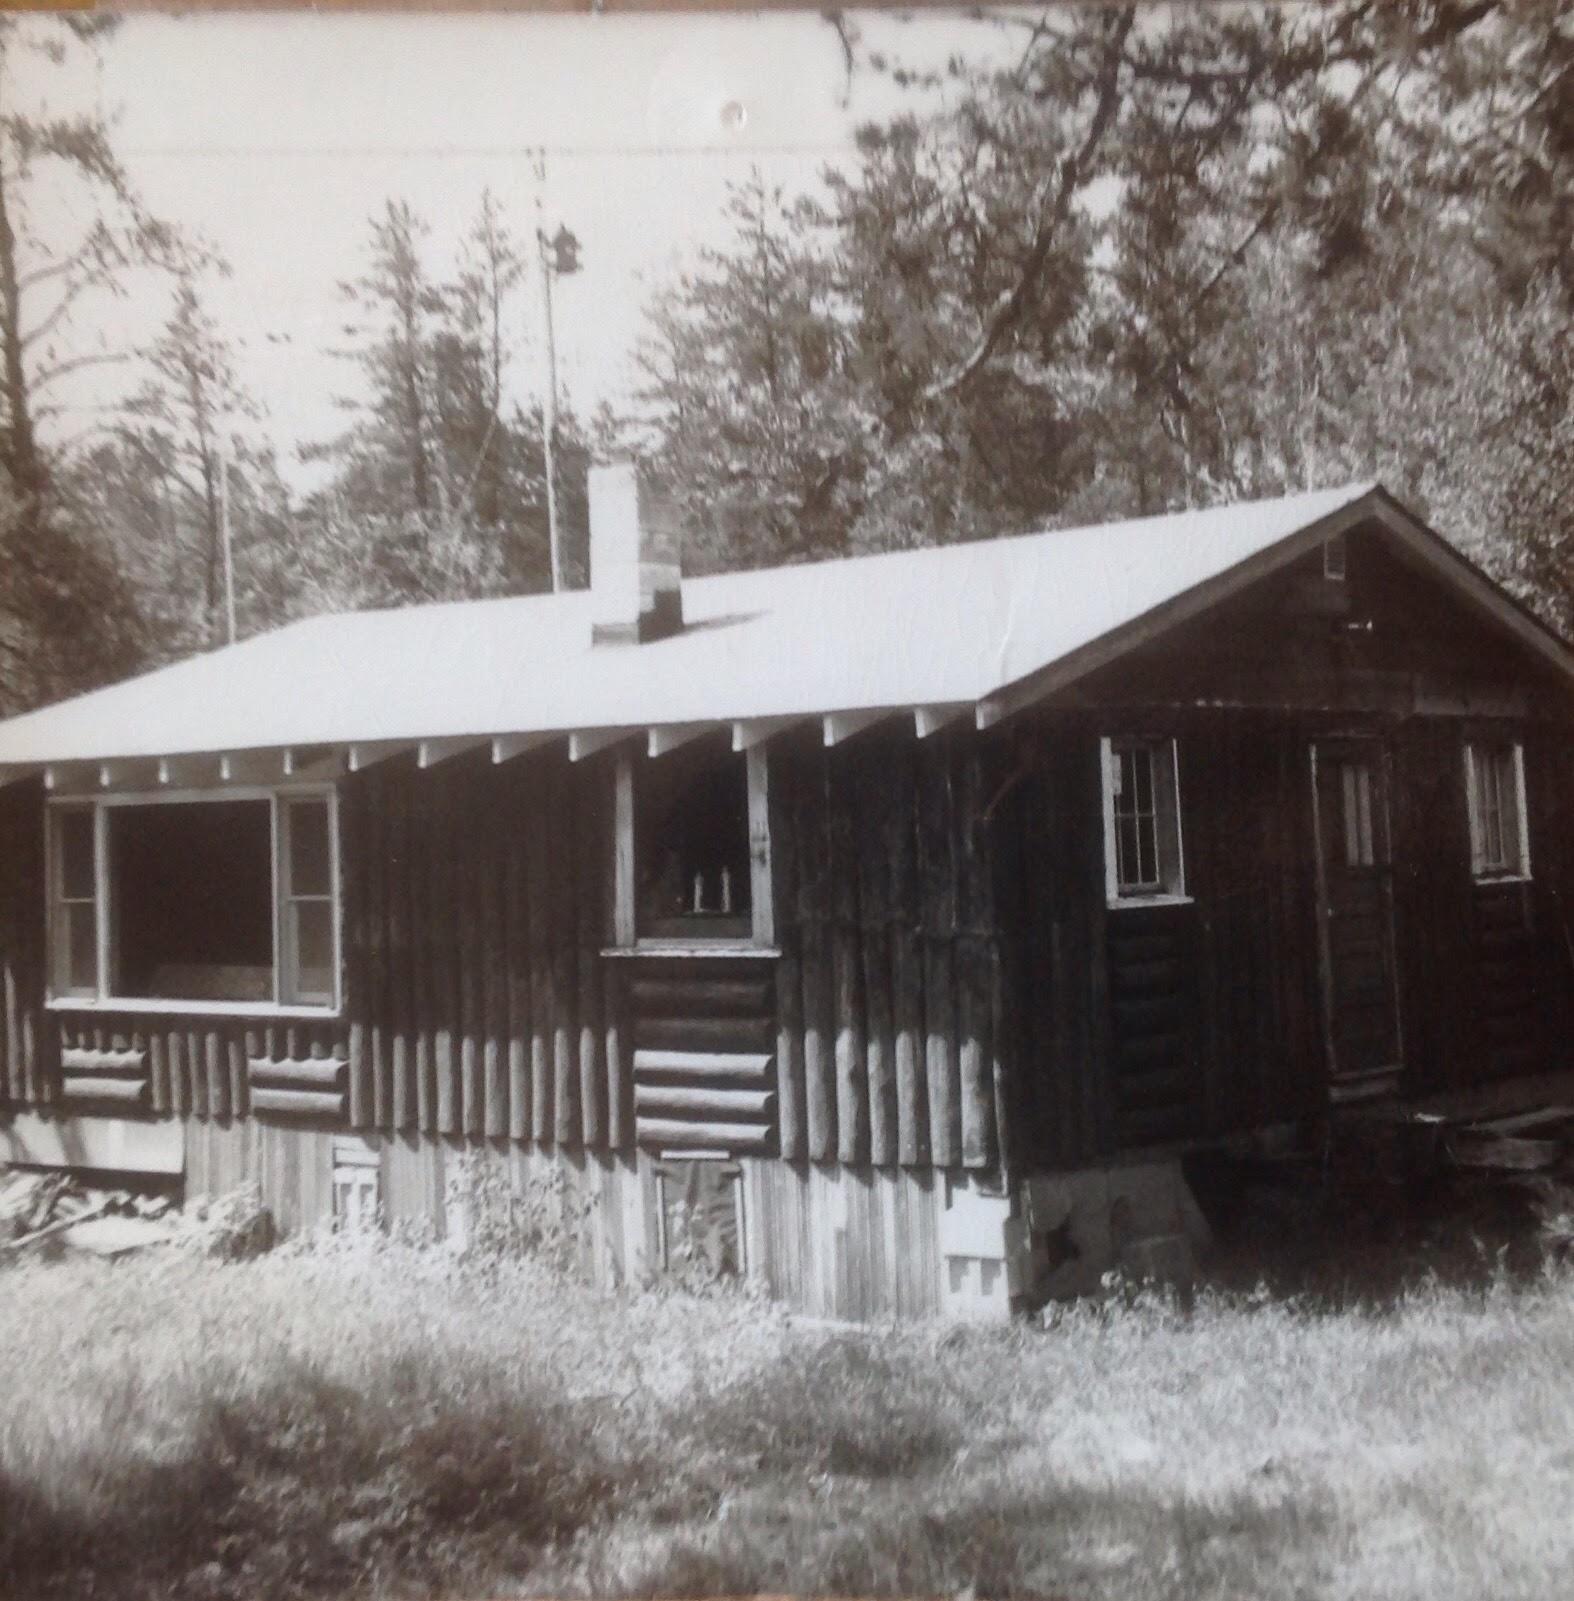 Original Location on Burntside lake